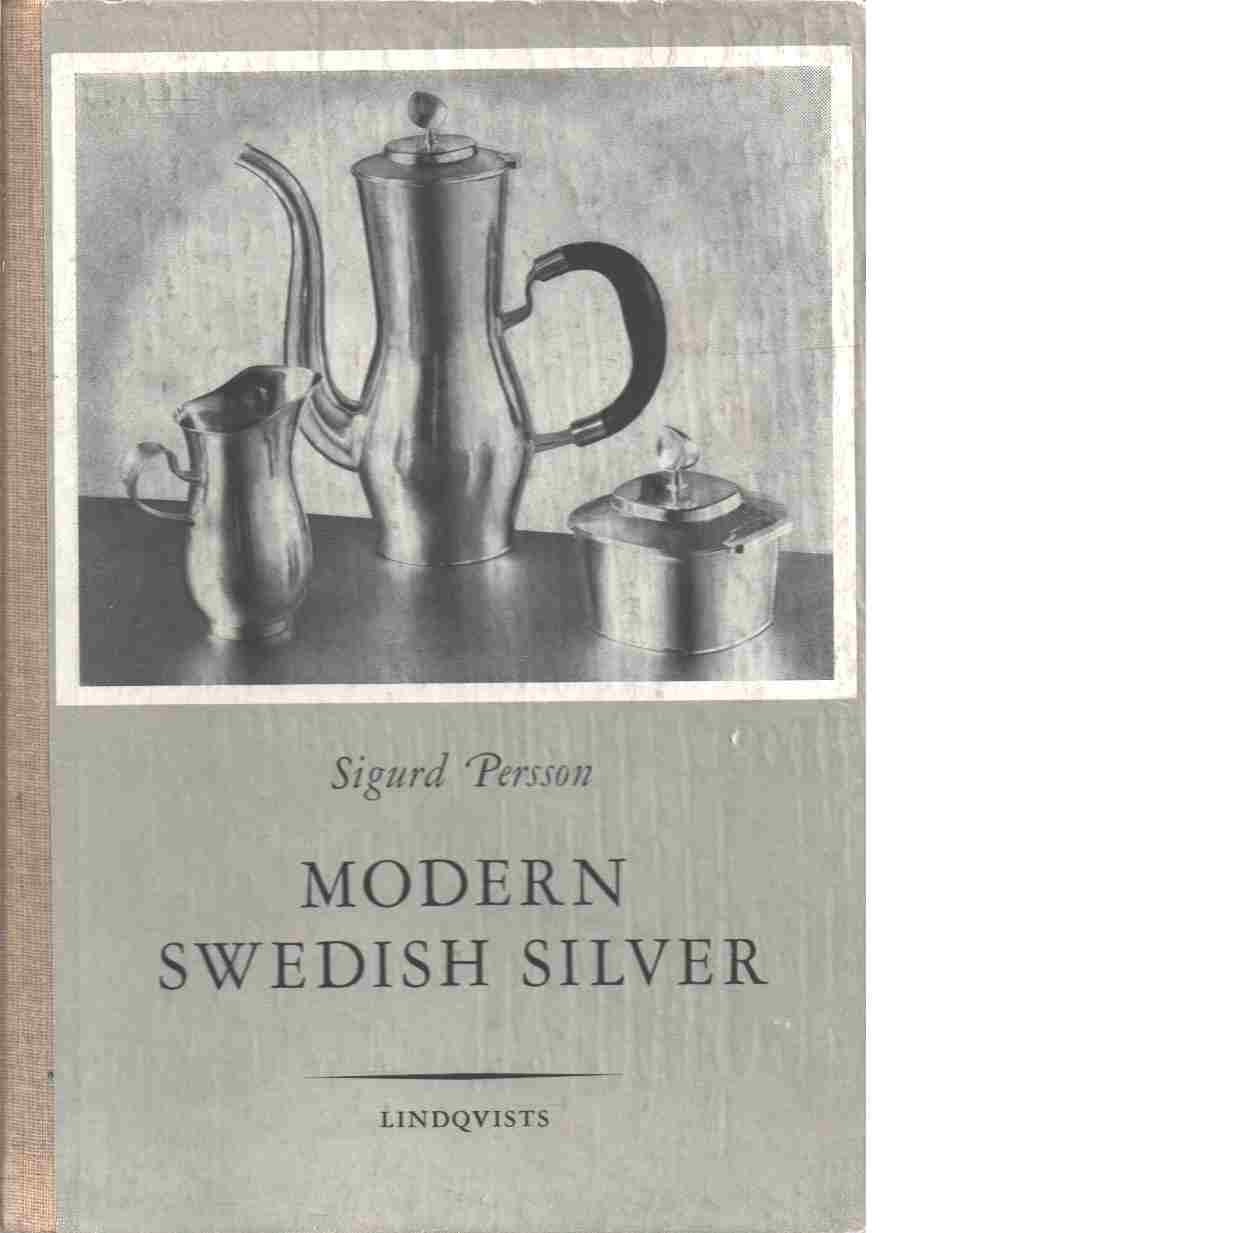 Modern Swedish silver - Persson, Sigurd